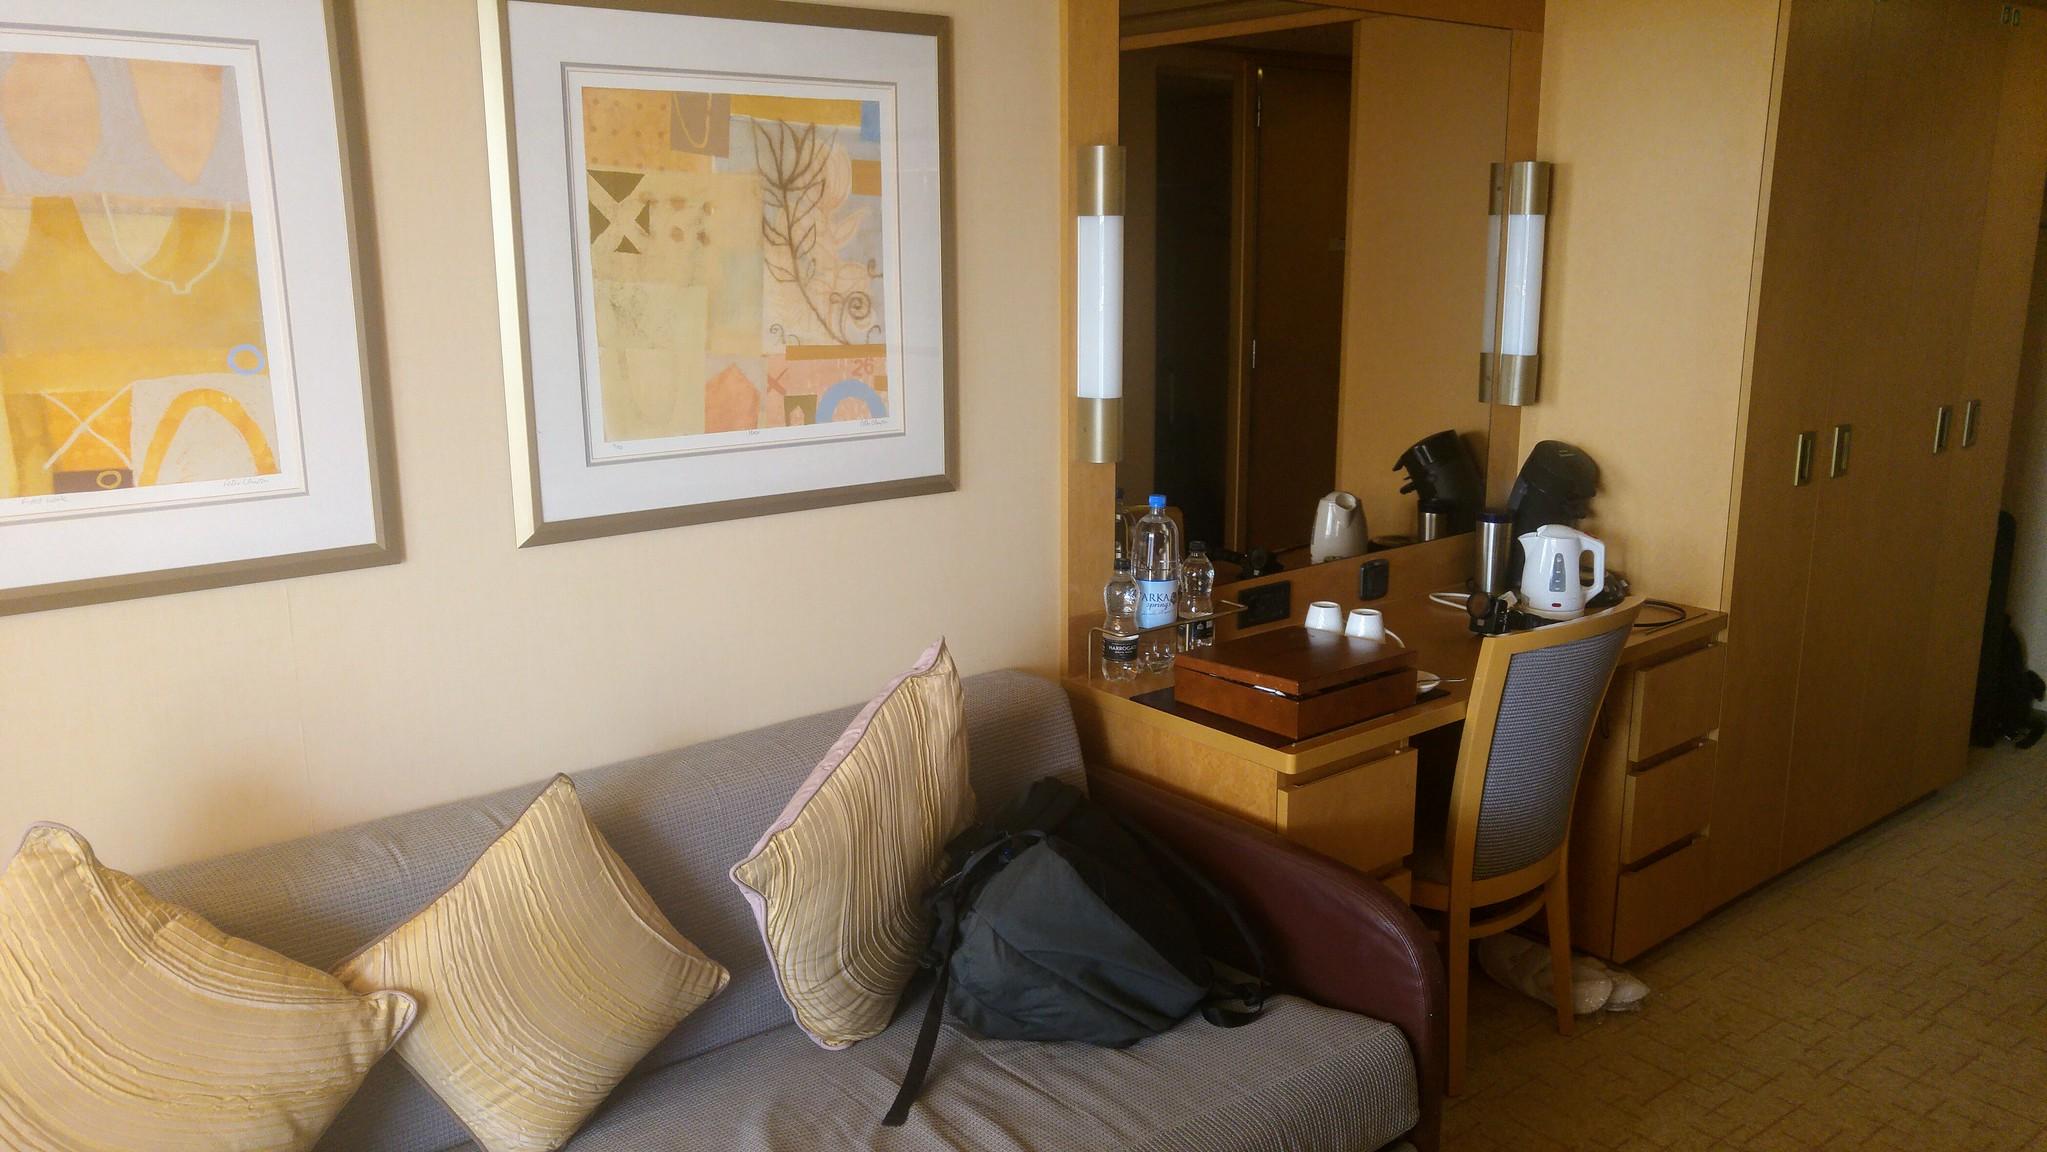 P&O Arcadia Mini-Suite Sofa and Vanity Unit